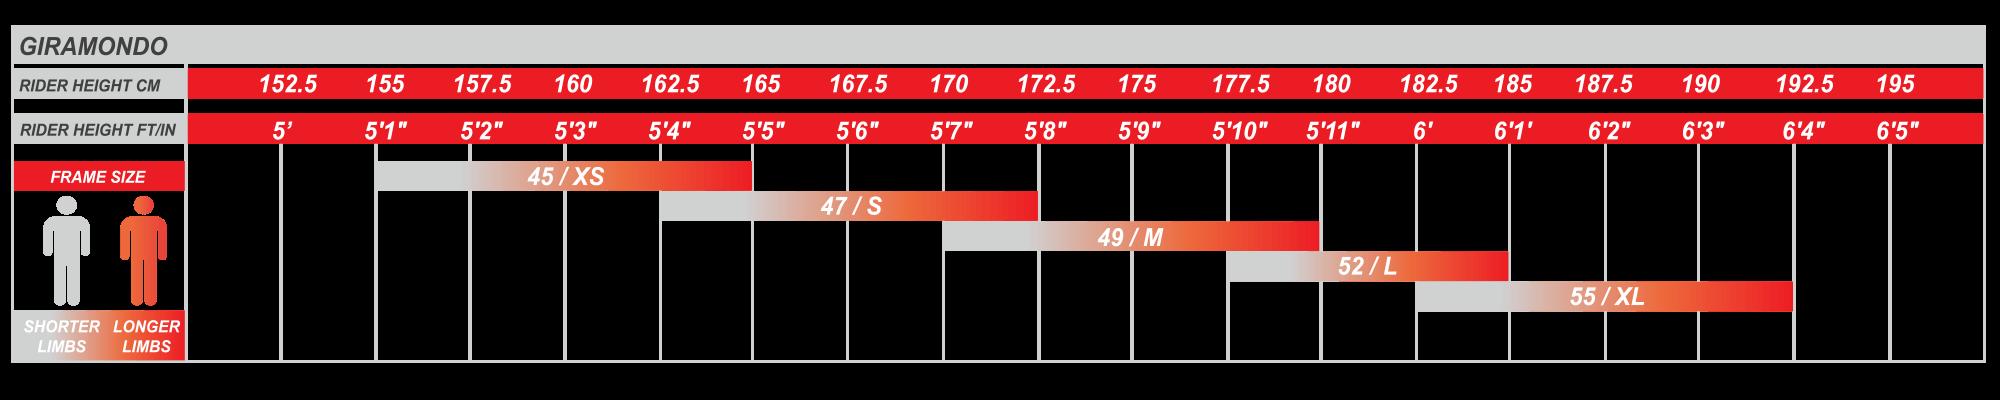 geo-size-chart-giramondo-2018.2.png